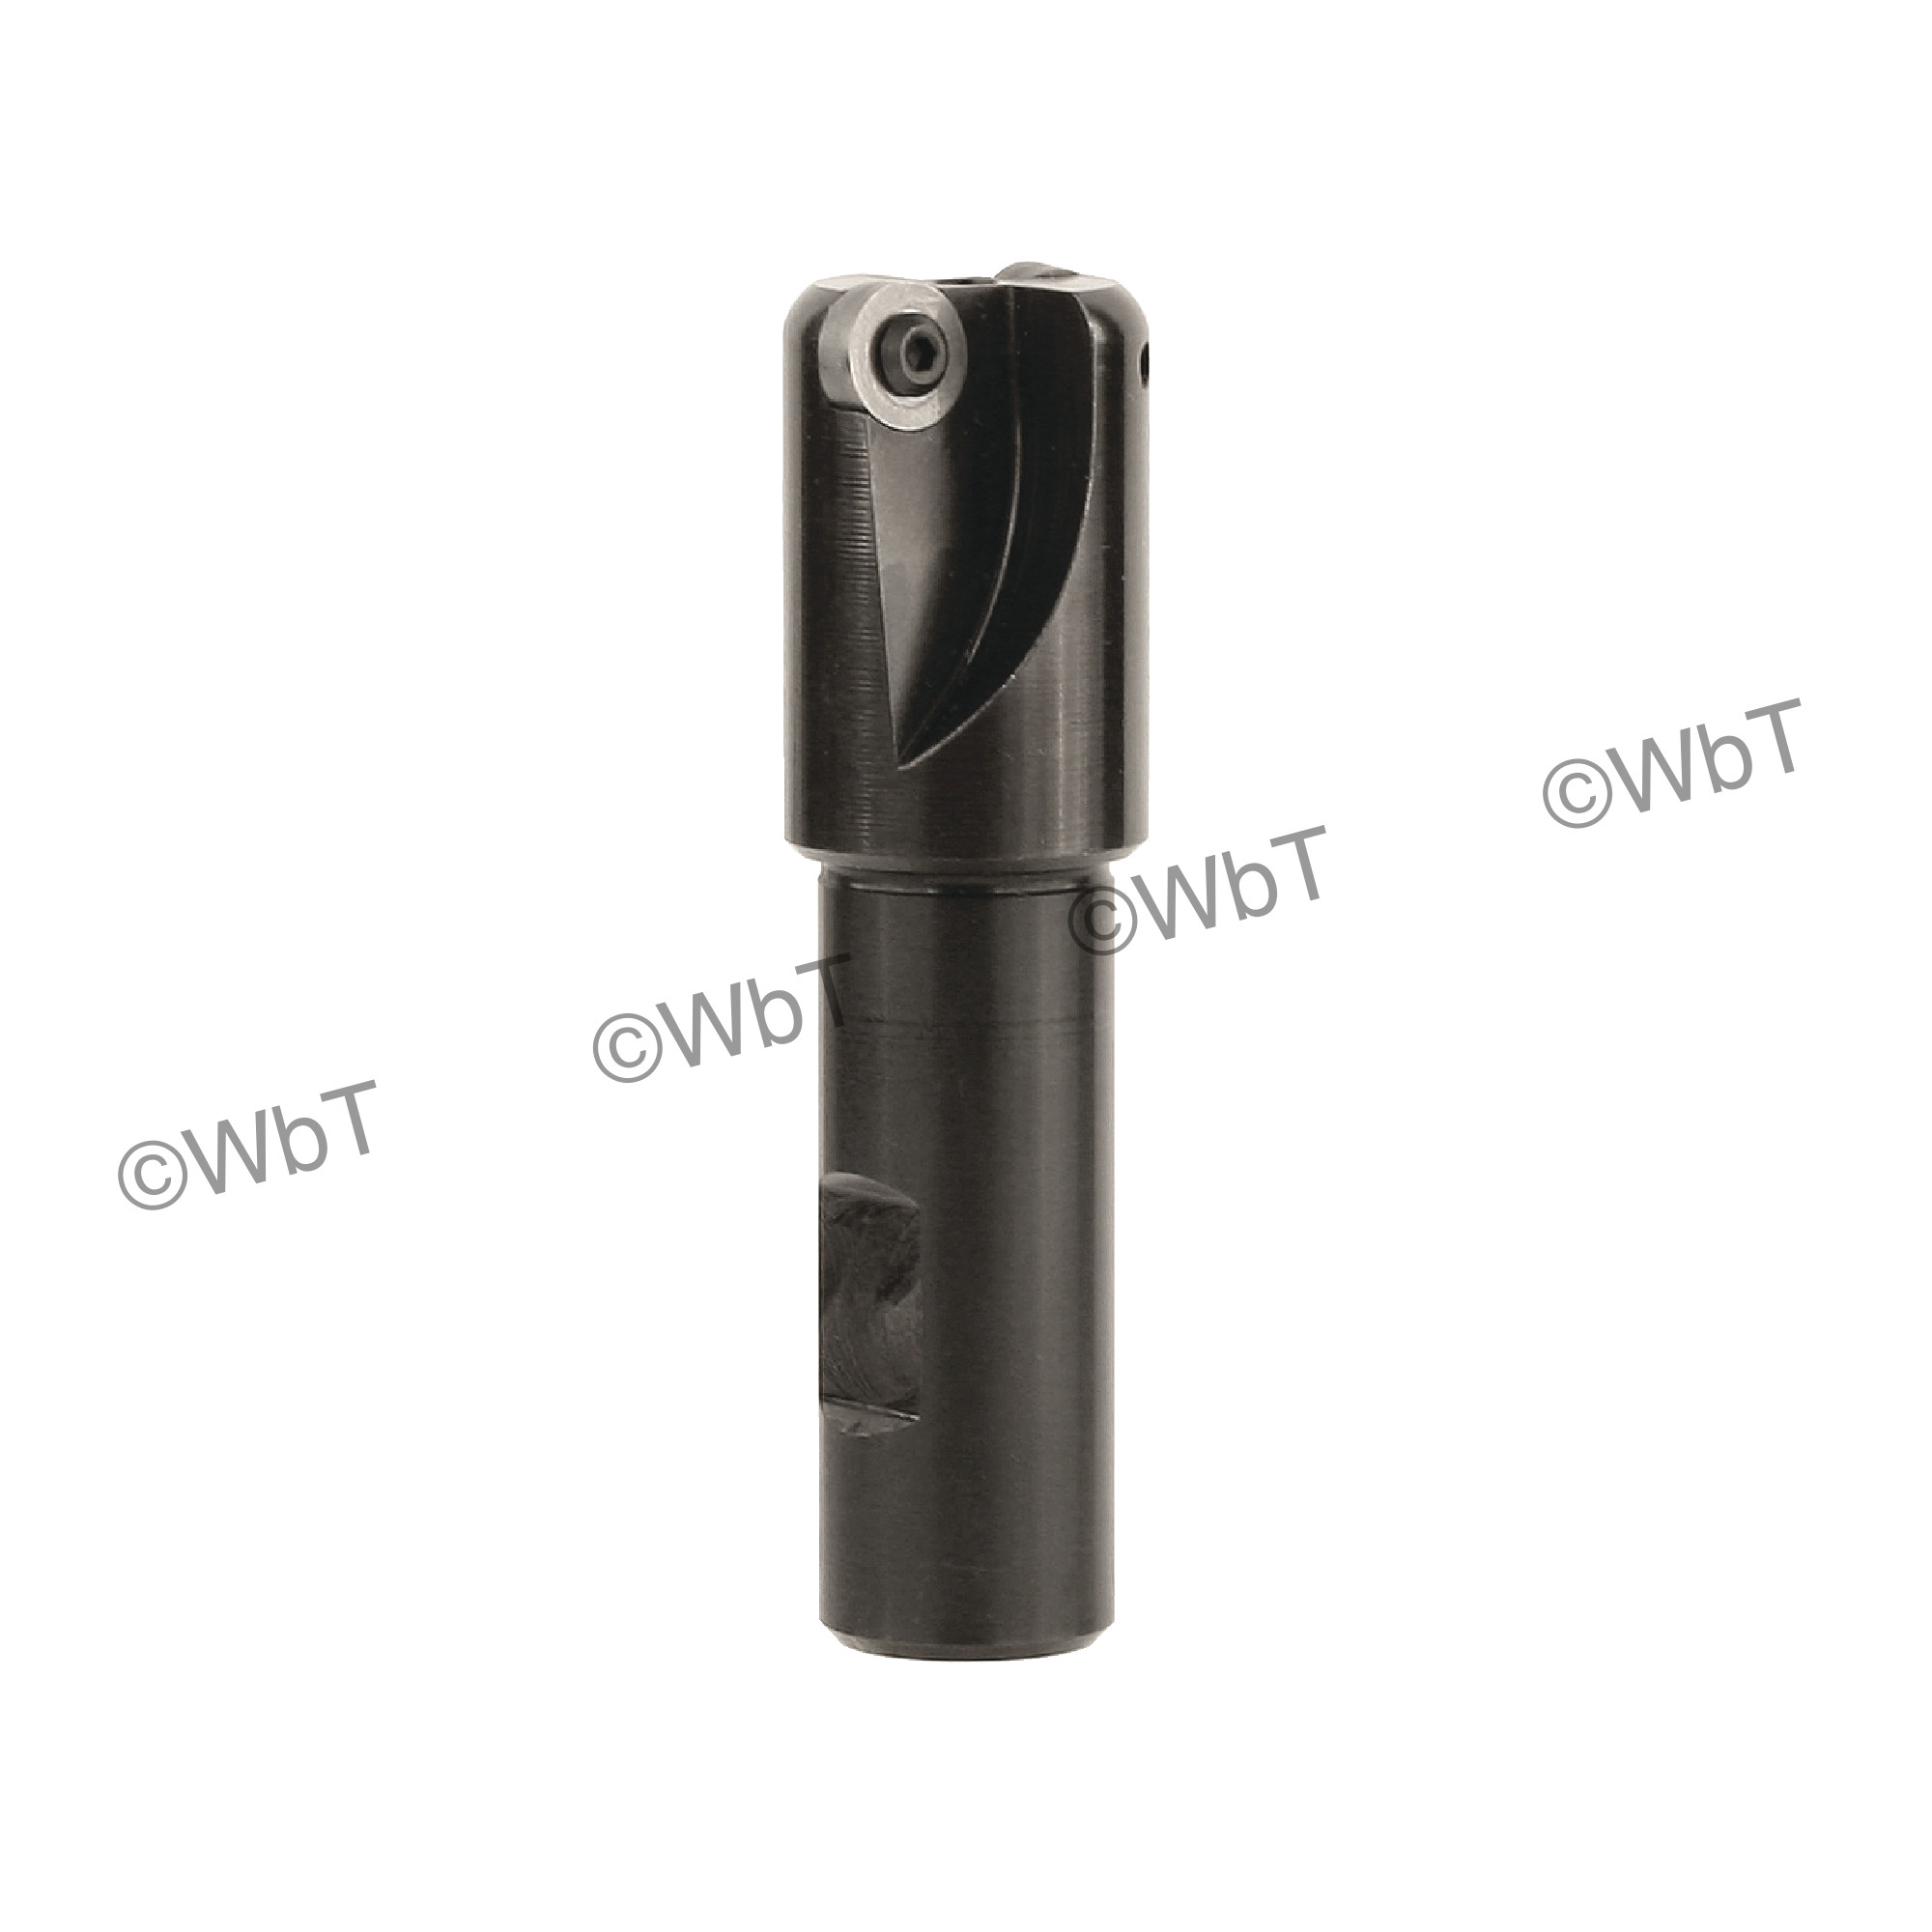 """ROUSE - H134-32 - Endmill / 1.000"""" Cutting Diameter / Weldon Shank / Little Hogger Series"""